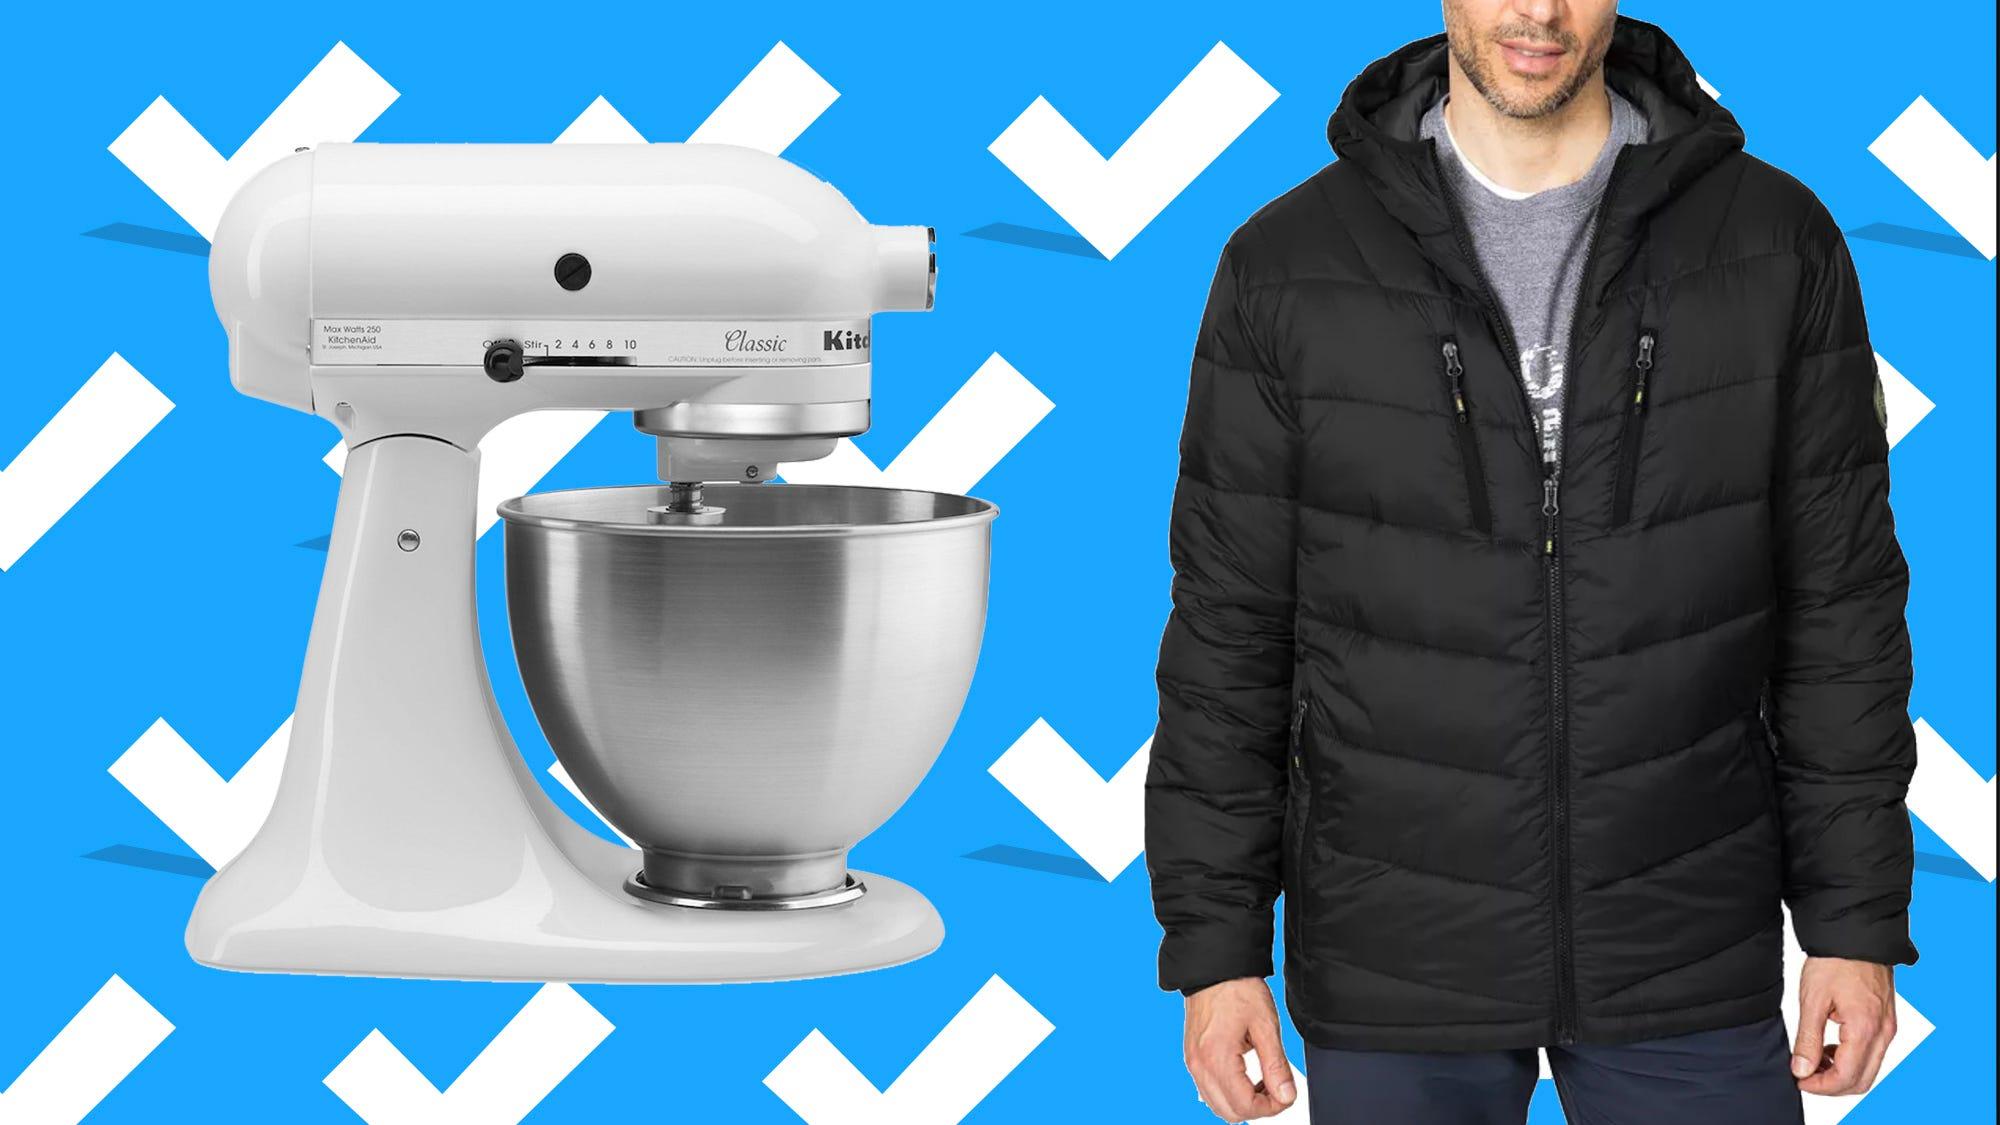 Get a sneak peek at the store's best deals